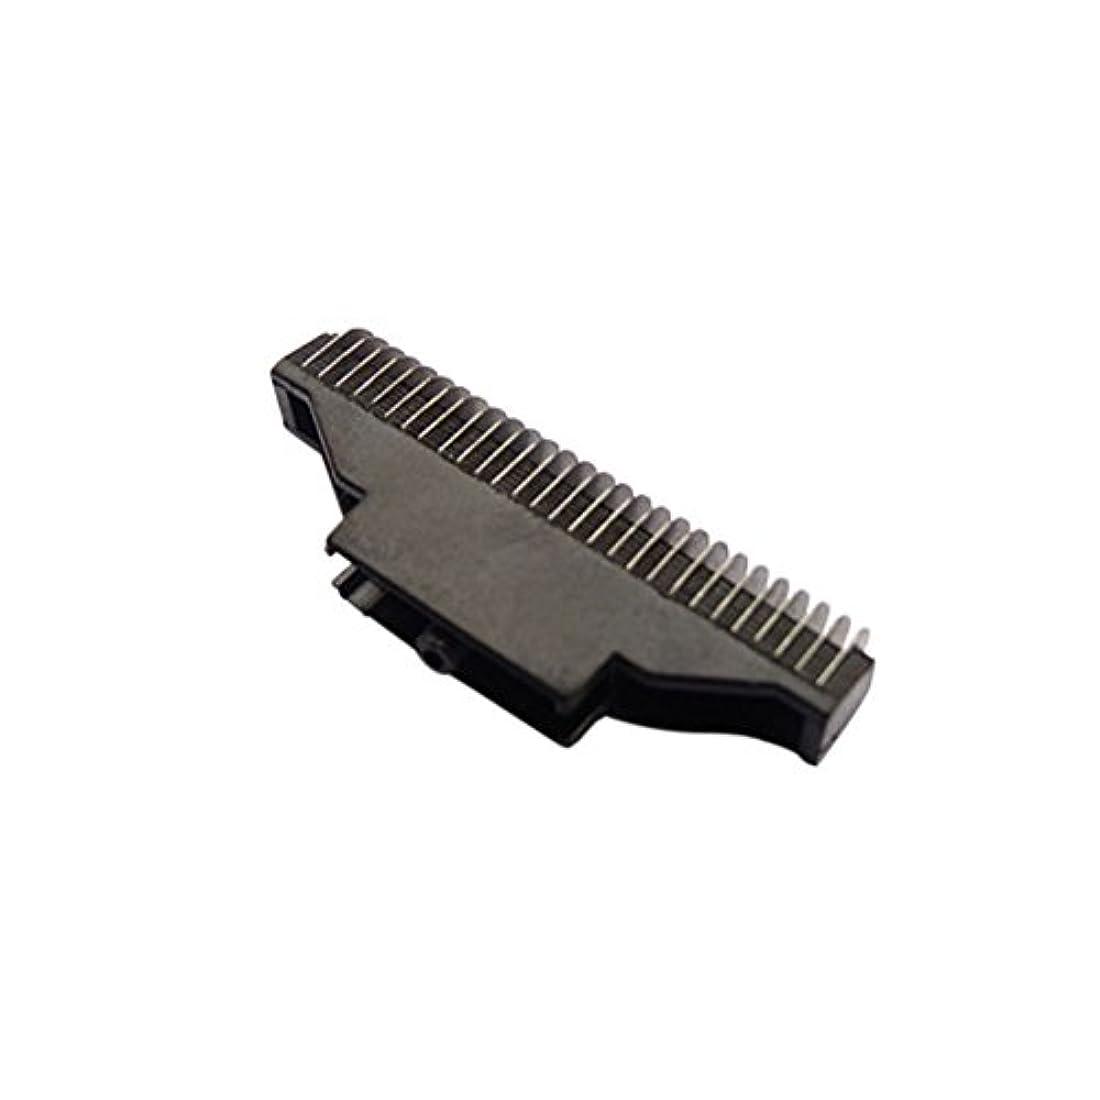 一握り突っ込む一貫性のないHZjundasi Replacement Inner ブレード コンボ for Panasonic ES4026/25/27 ES4853 ES9852